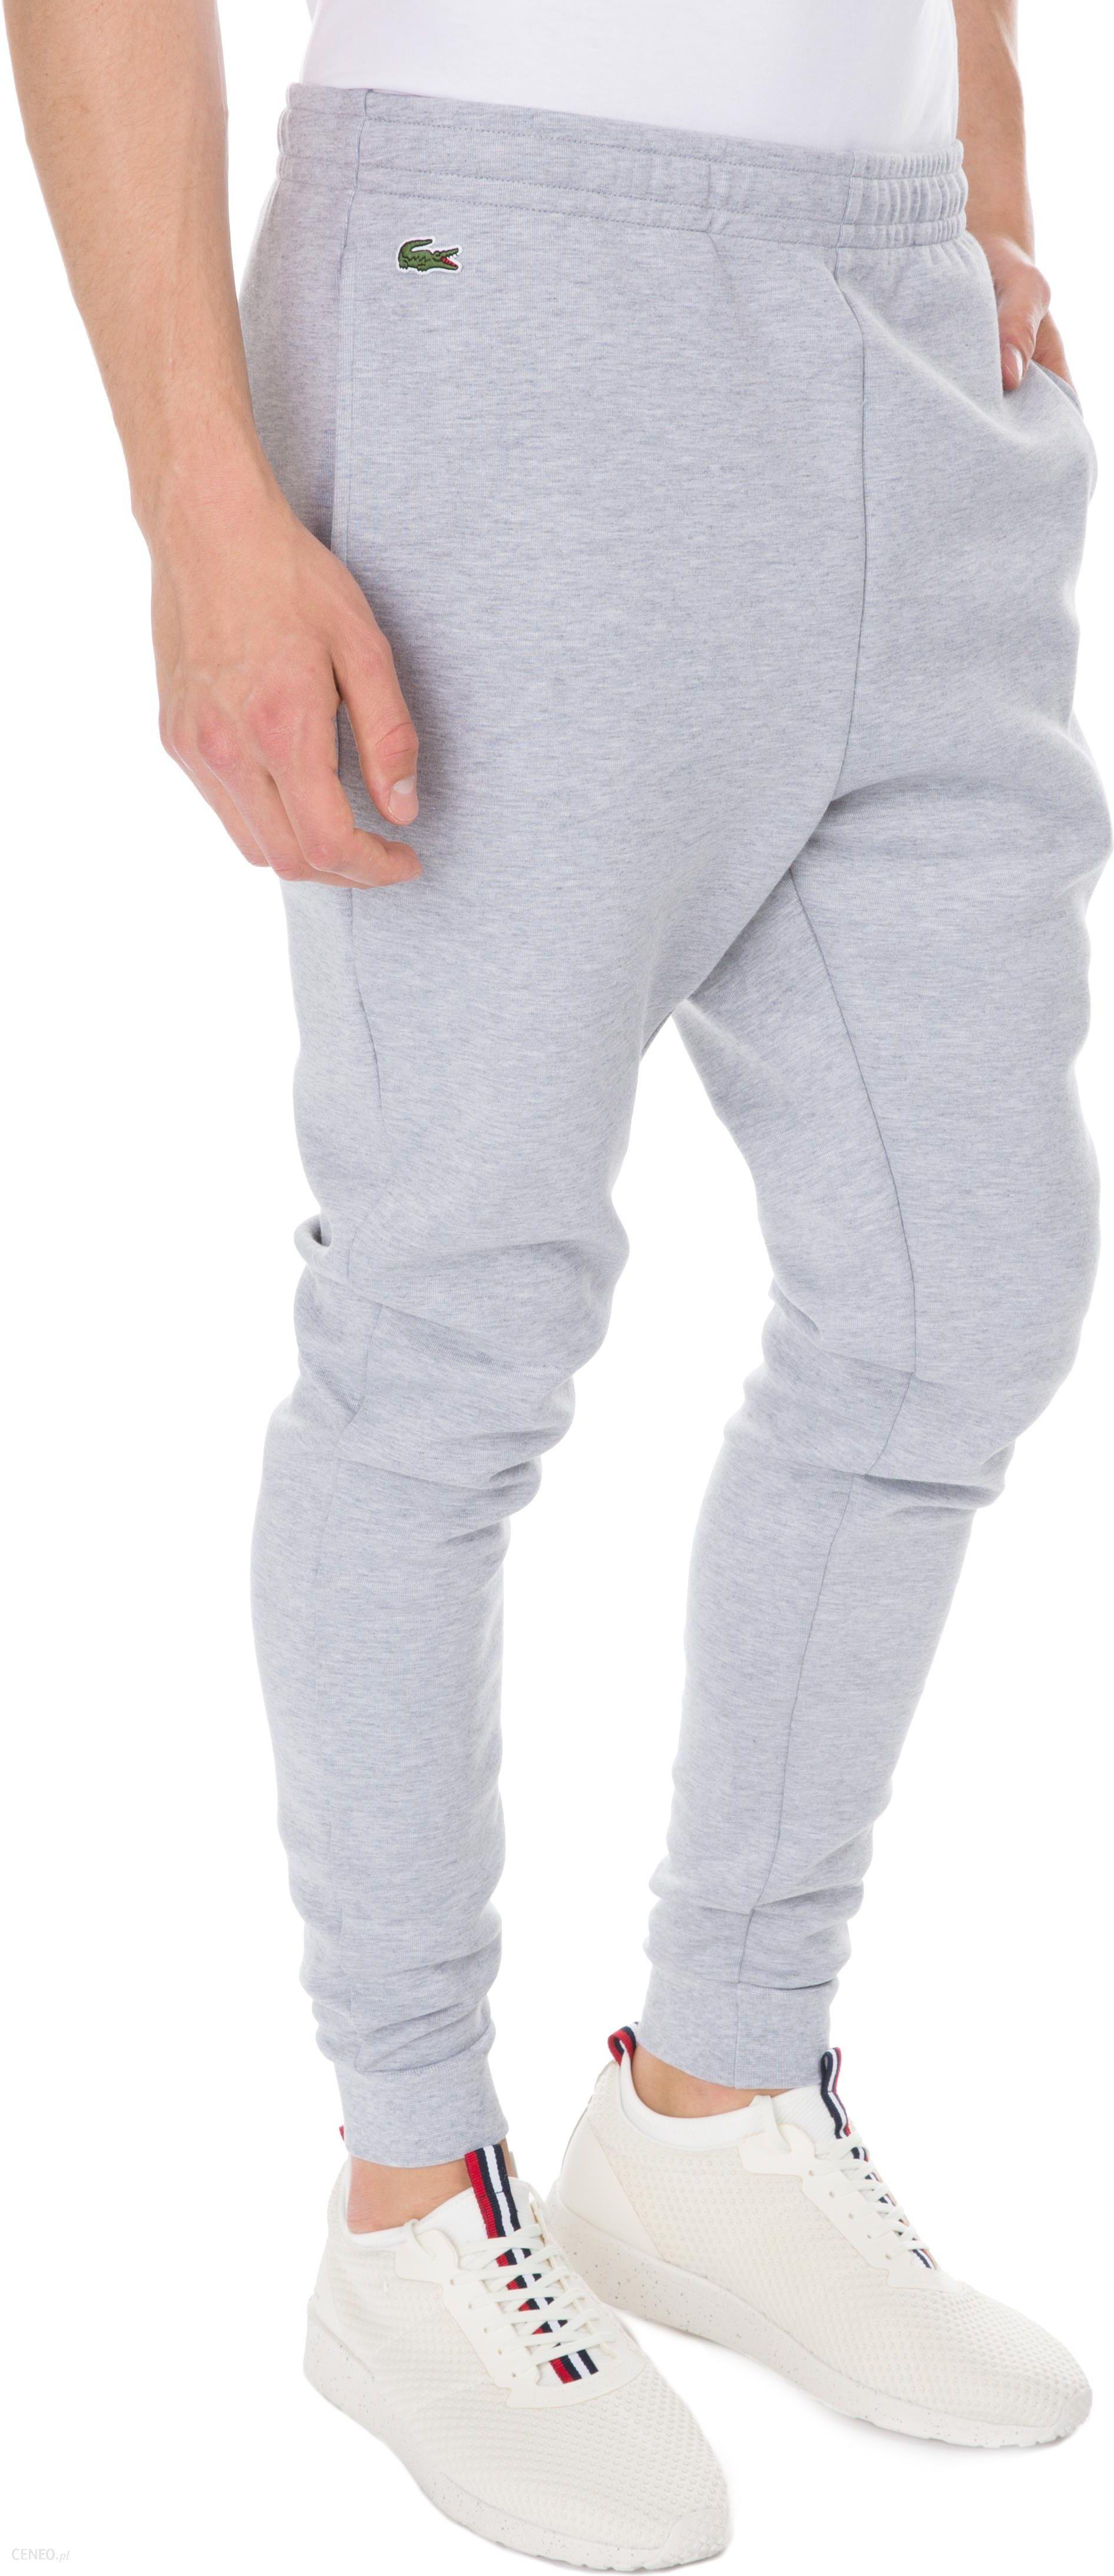 a6b8d433d00a06 Lacoste Spodnie dresowe Szary M - Ceny i opinie - Ceneo.pl